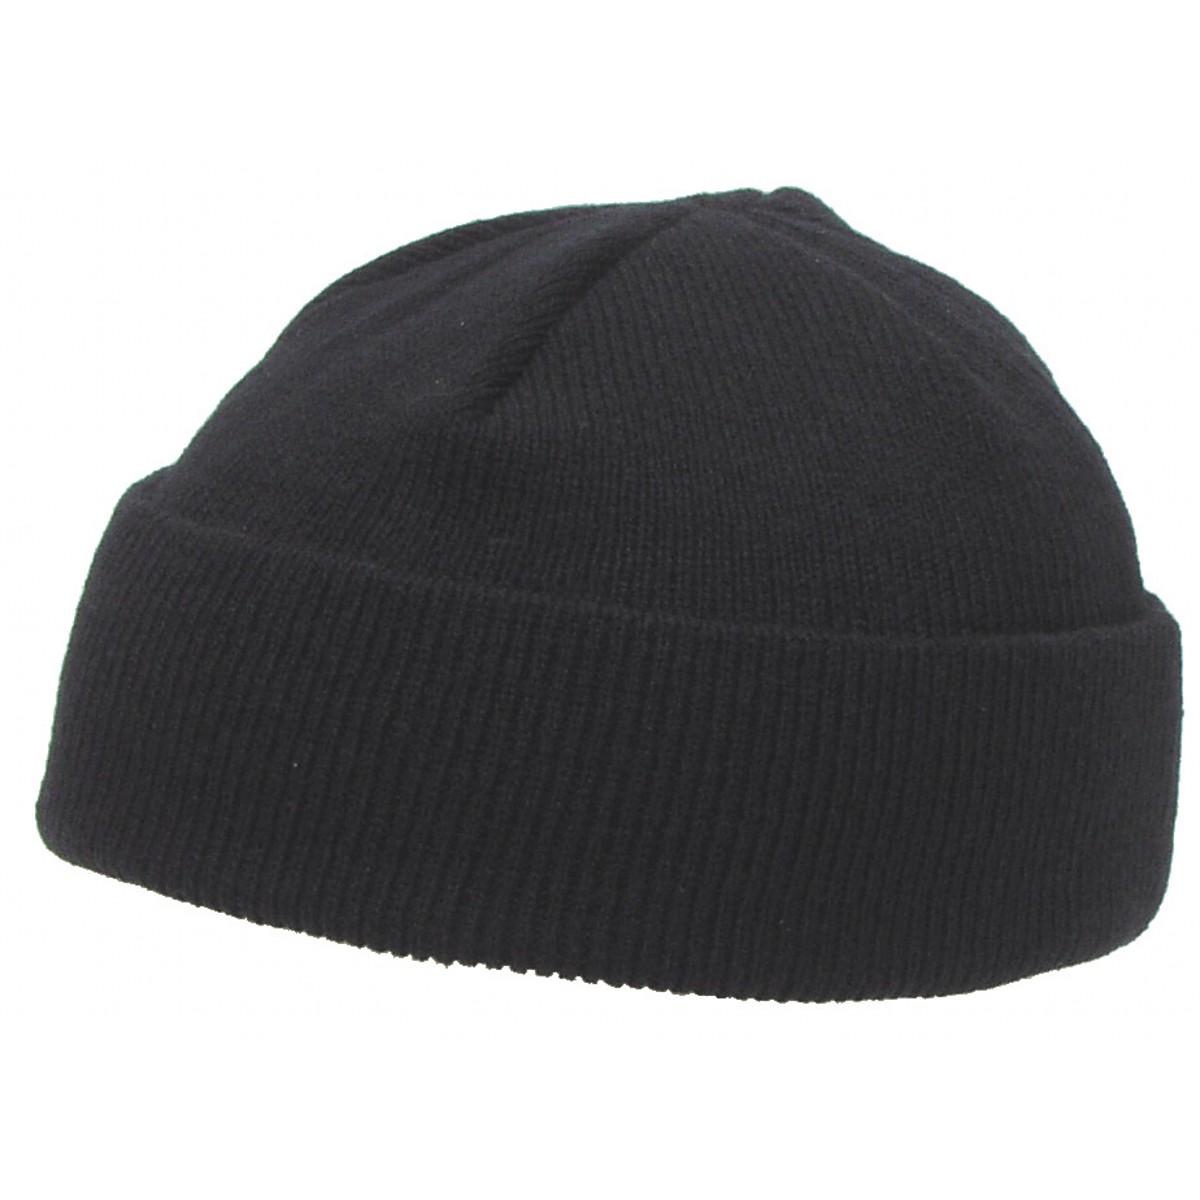 čepice kulich ROLL jemně pletená černá  20918d5add